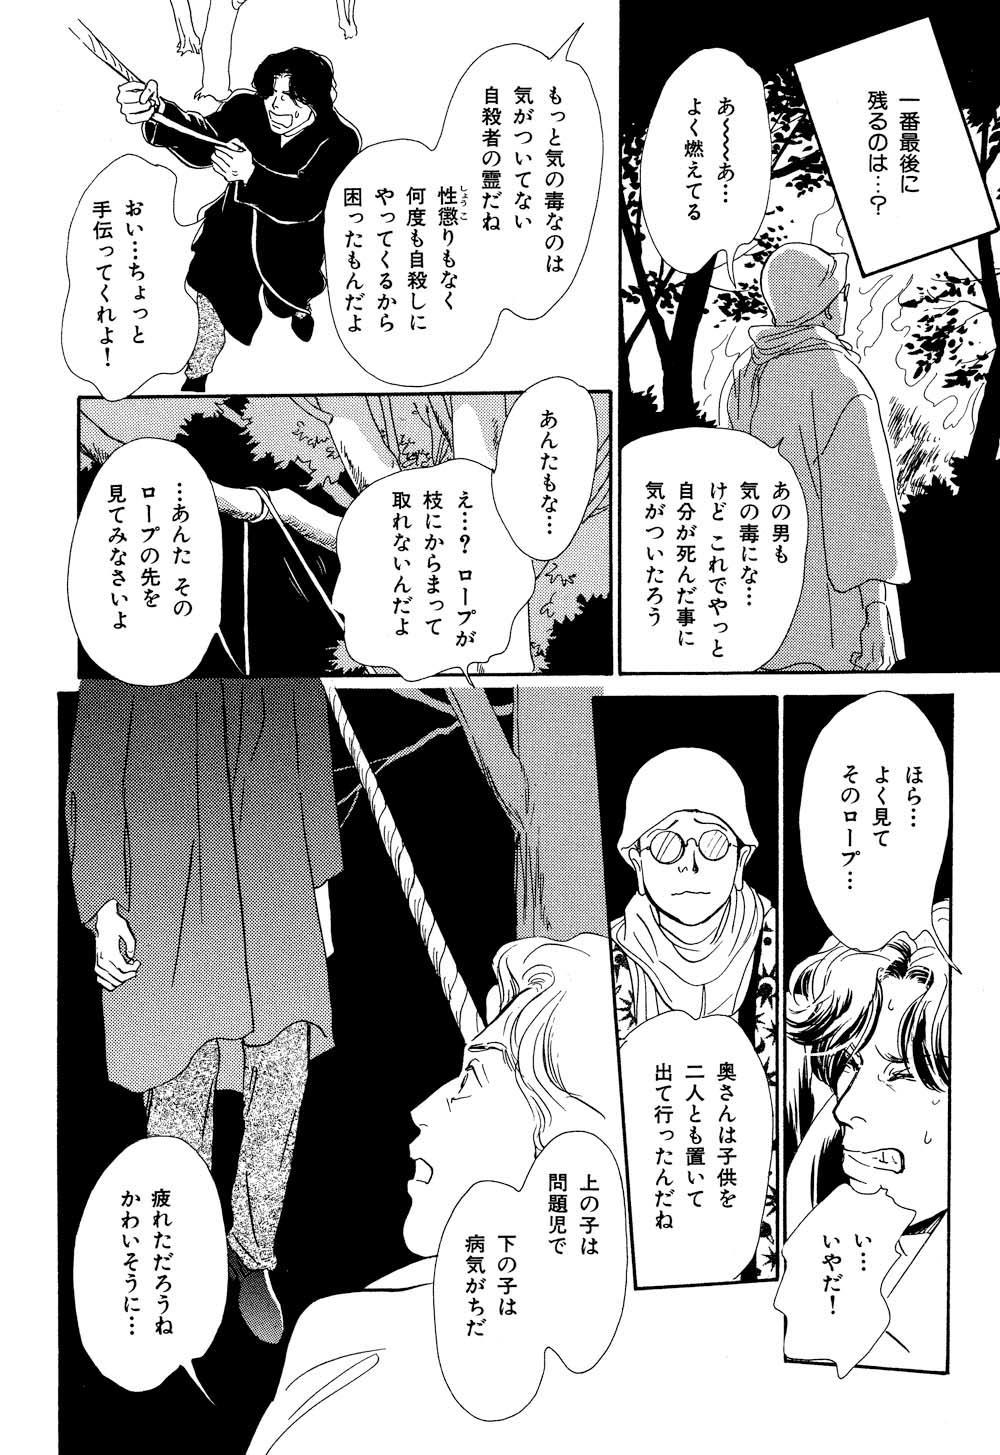 百鬼夜行抄_07_0082.jpg